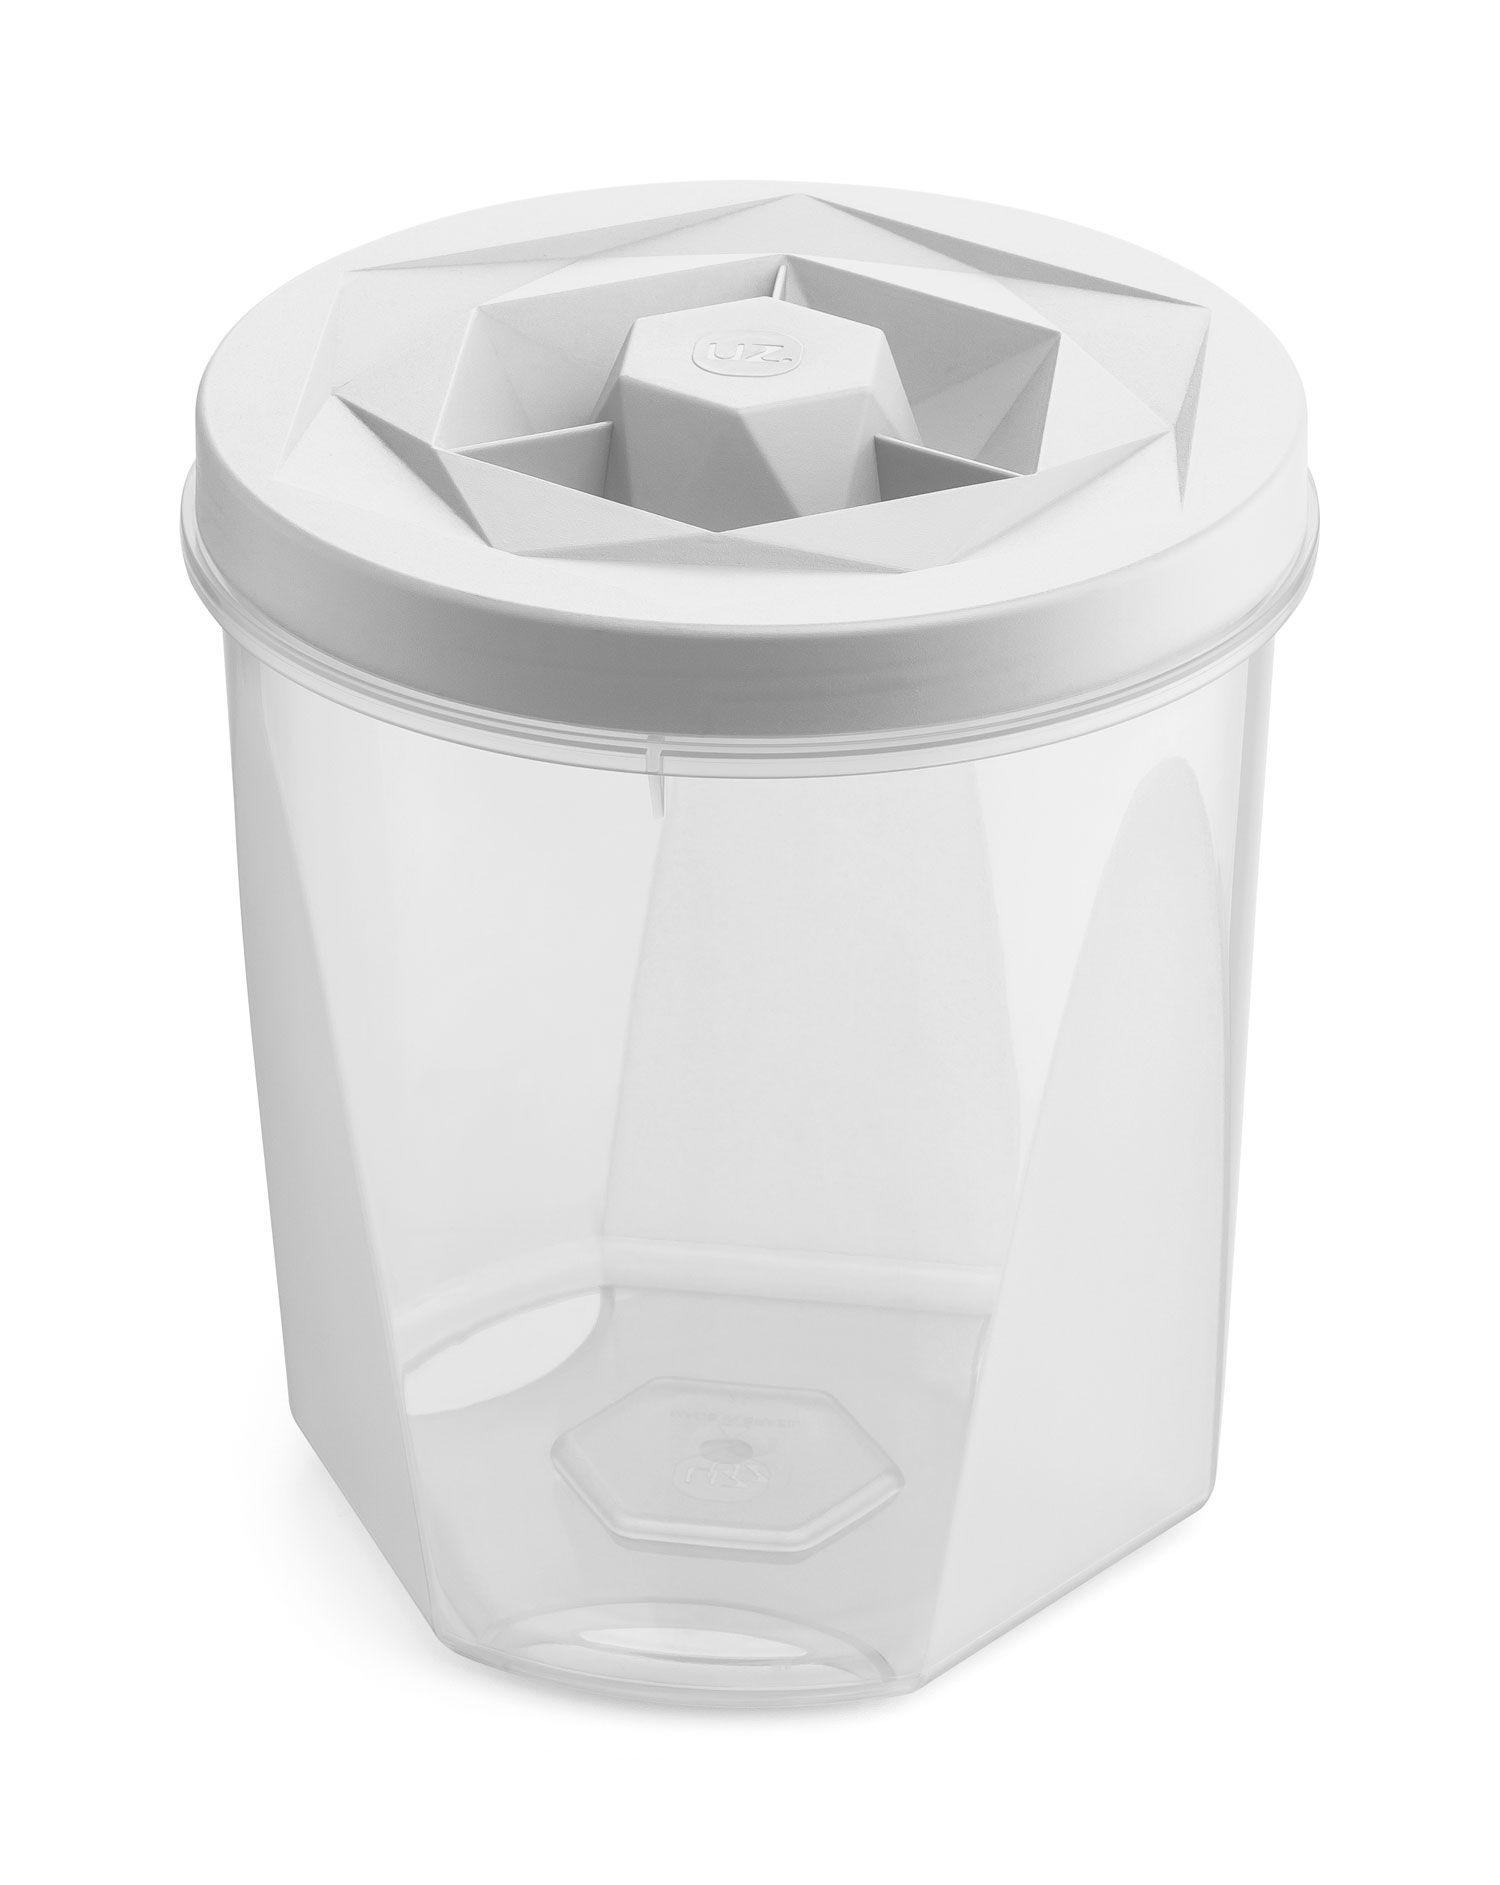 Porta Mantimentos 2 litros Branco - Linha Vision - UZ Utilidades  - Lojão de Ofertas